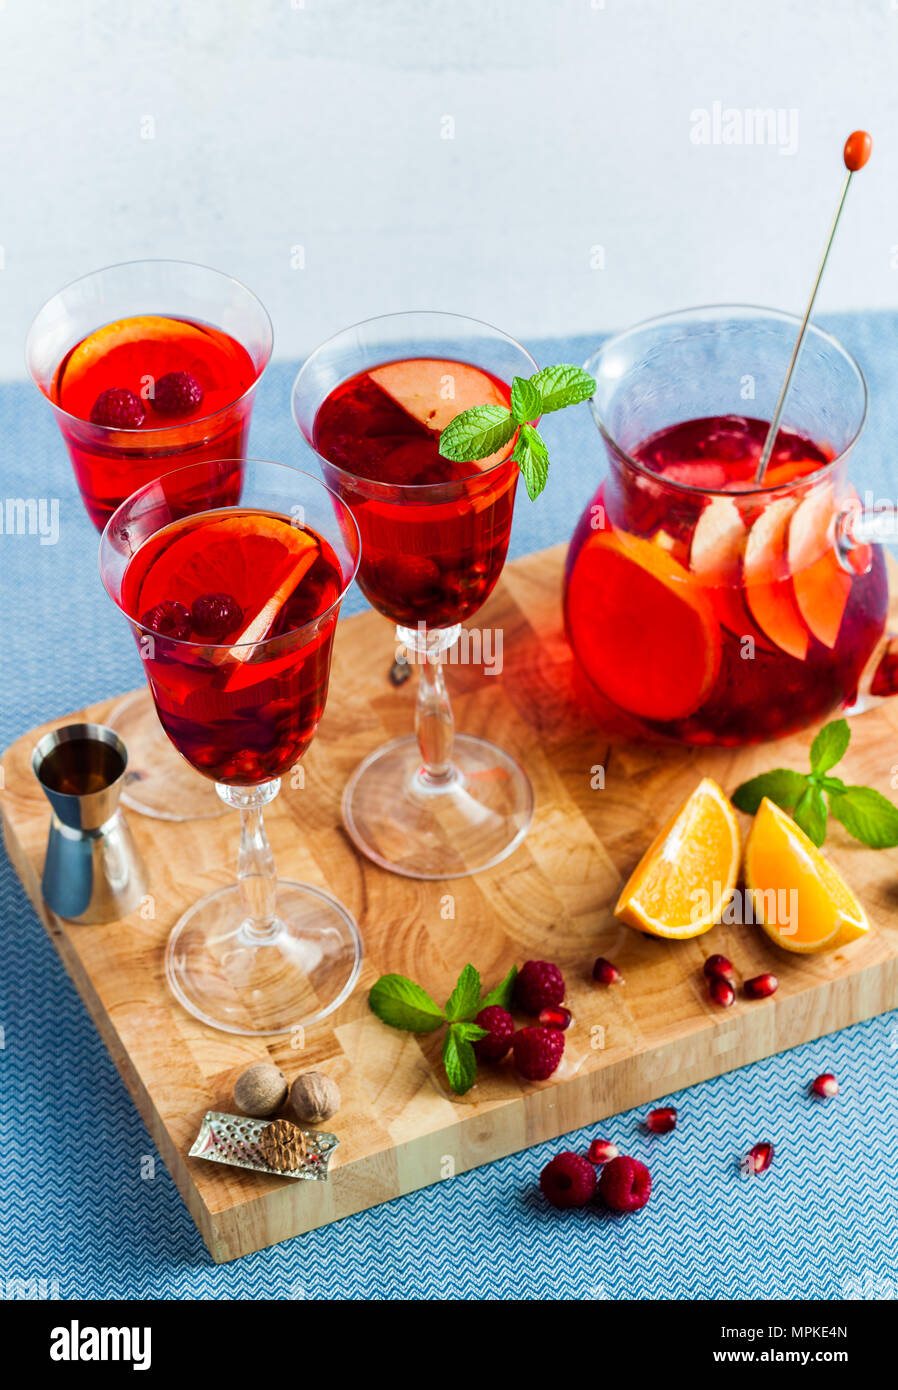 Frische Sommer rote Sangria aus reifen Früchten und Beeren sowie Wein auf dem Tisch in Gläsern und einer Karaffe. Gewürzen und Minze Stockfoto